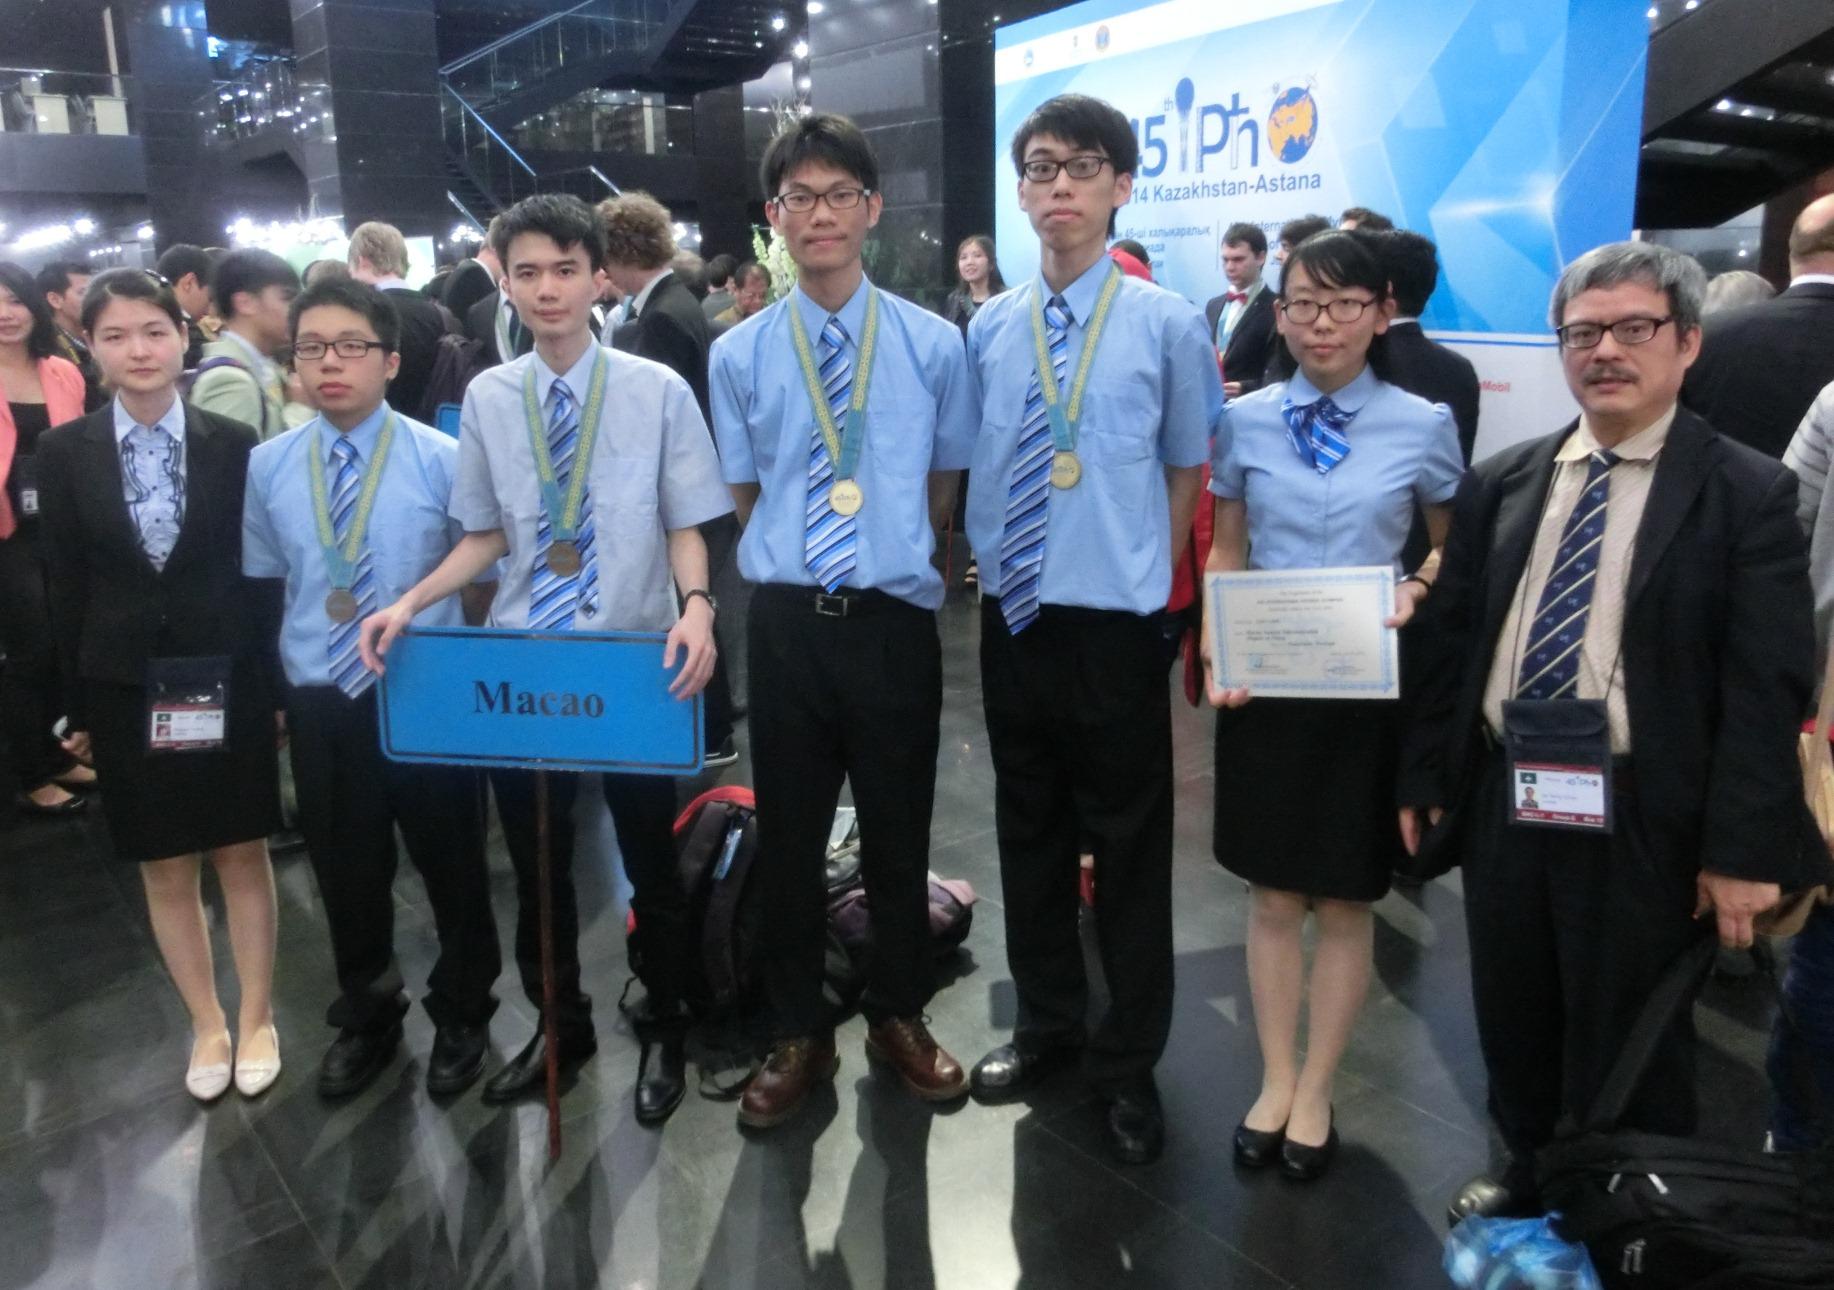 陳溢寧博士(右)帶領澳門中學生赴哈薩克斯坦參加比賽